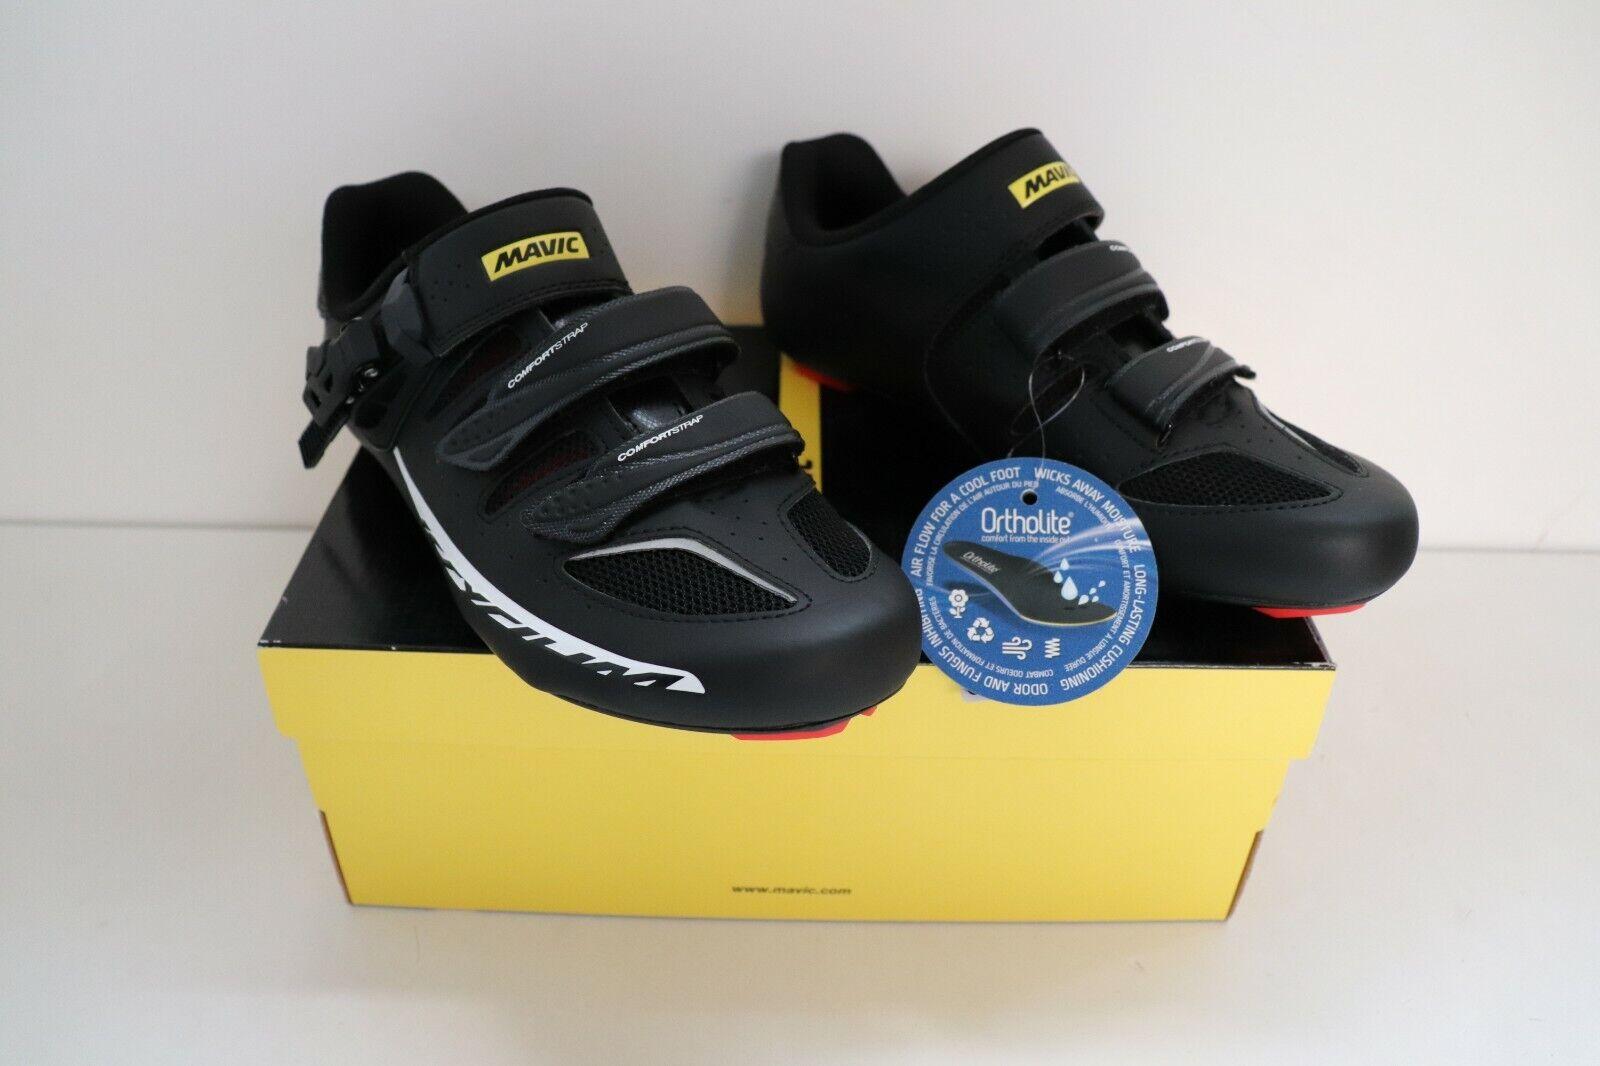 1 Paar Schuhe Herren Rennrad mavic ksyrium elite II Größe 40 2 3 -50%